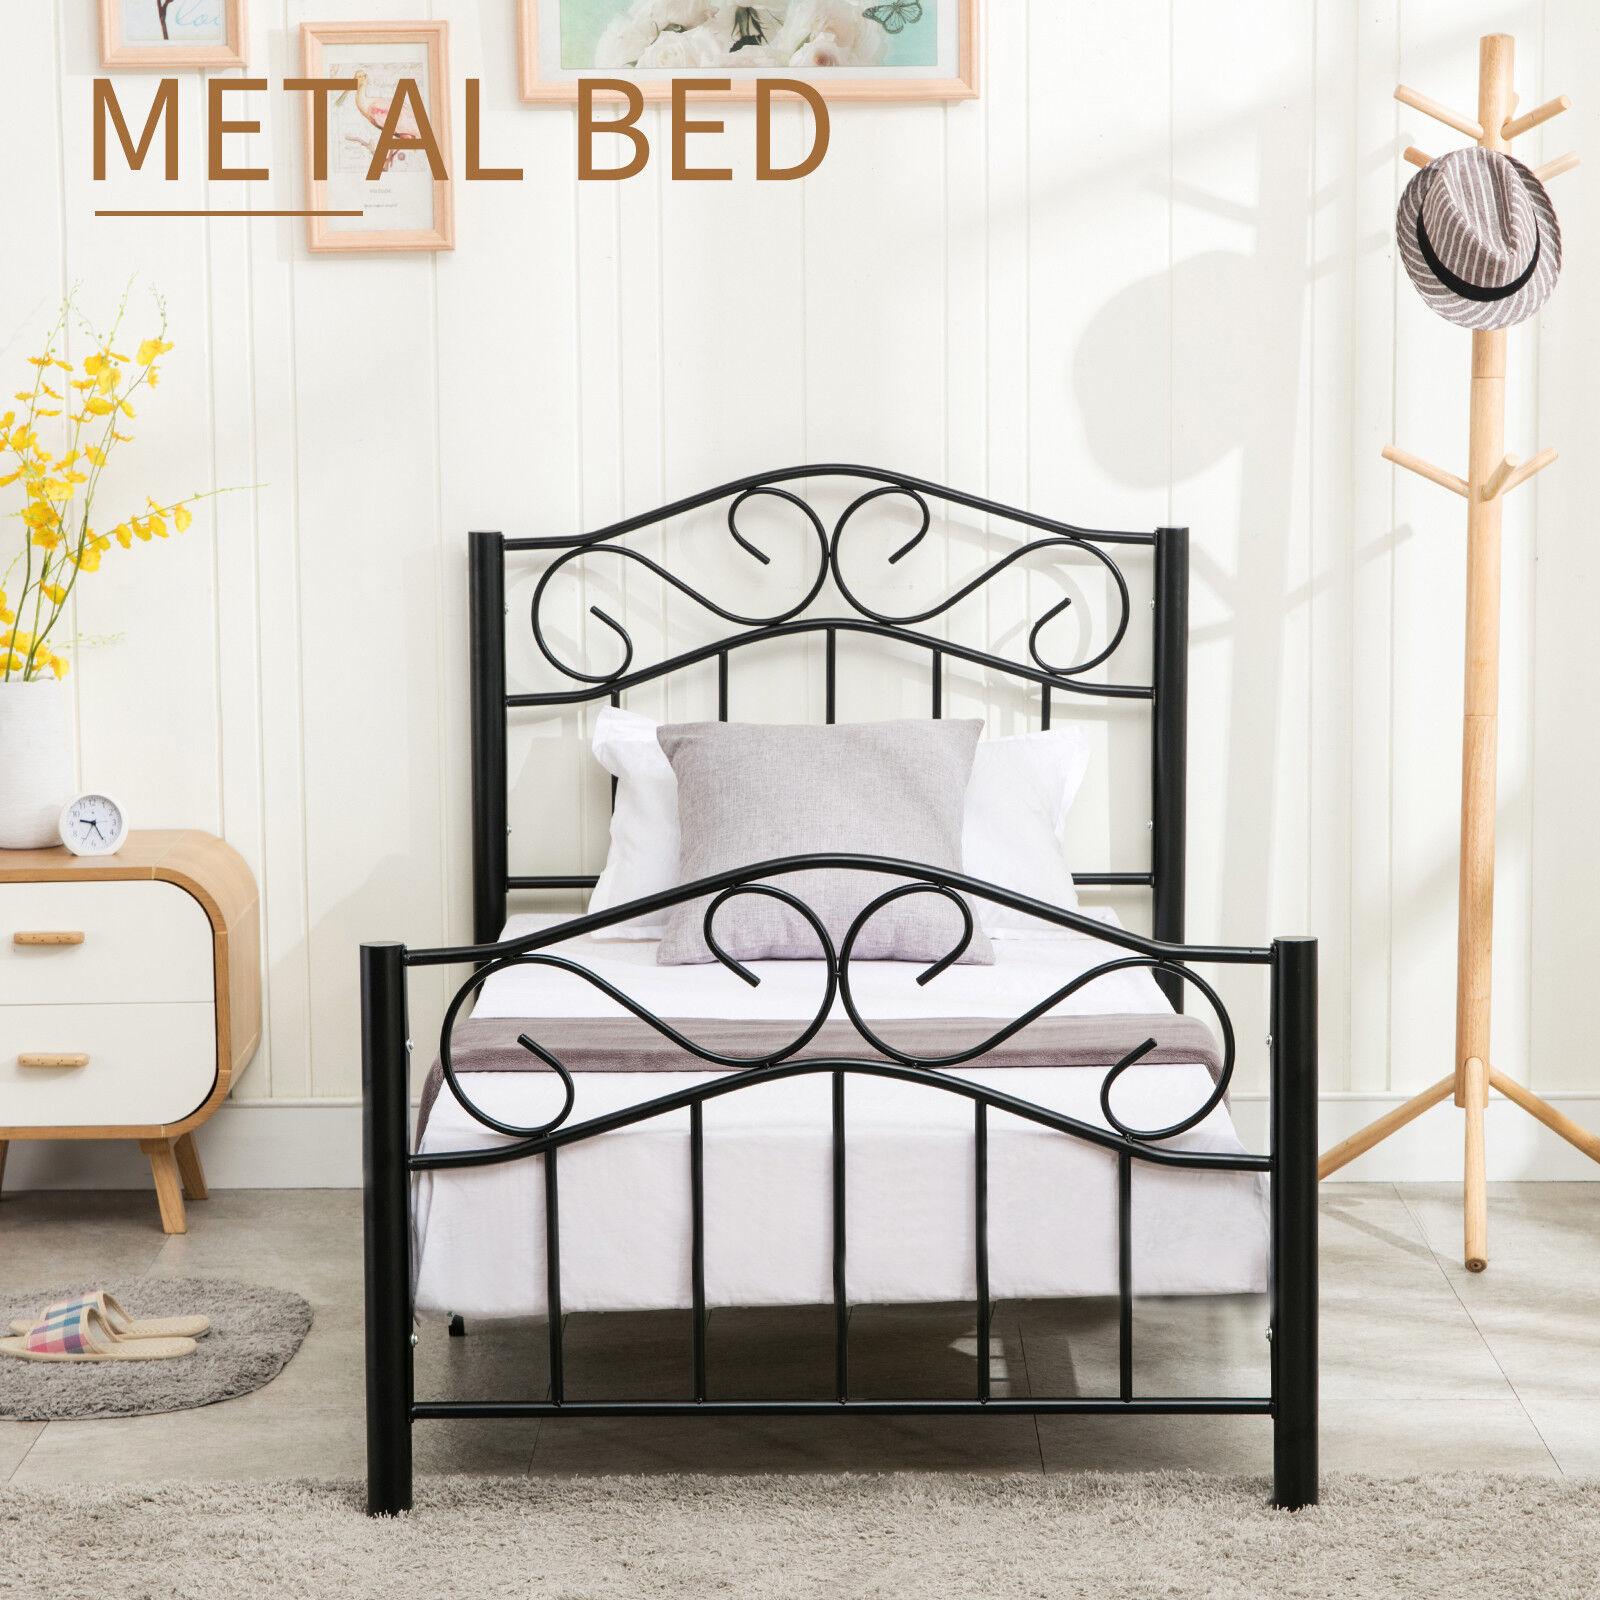 Heavy Duty Twin Size Metal Bed Frame w/Headboard & Footboard Girls ...